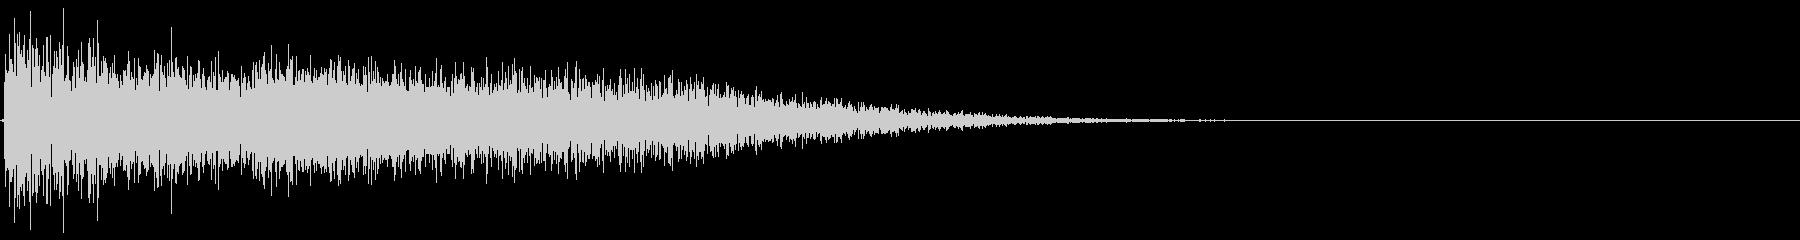 レーザーサーベルがぶつかり合うイメージの未再生の波形